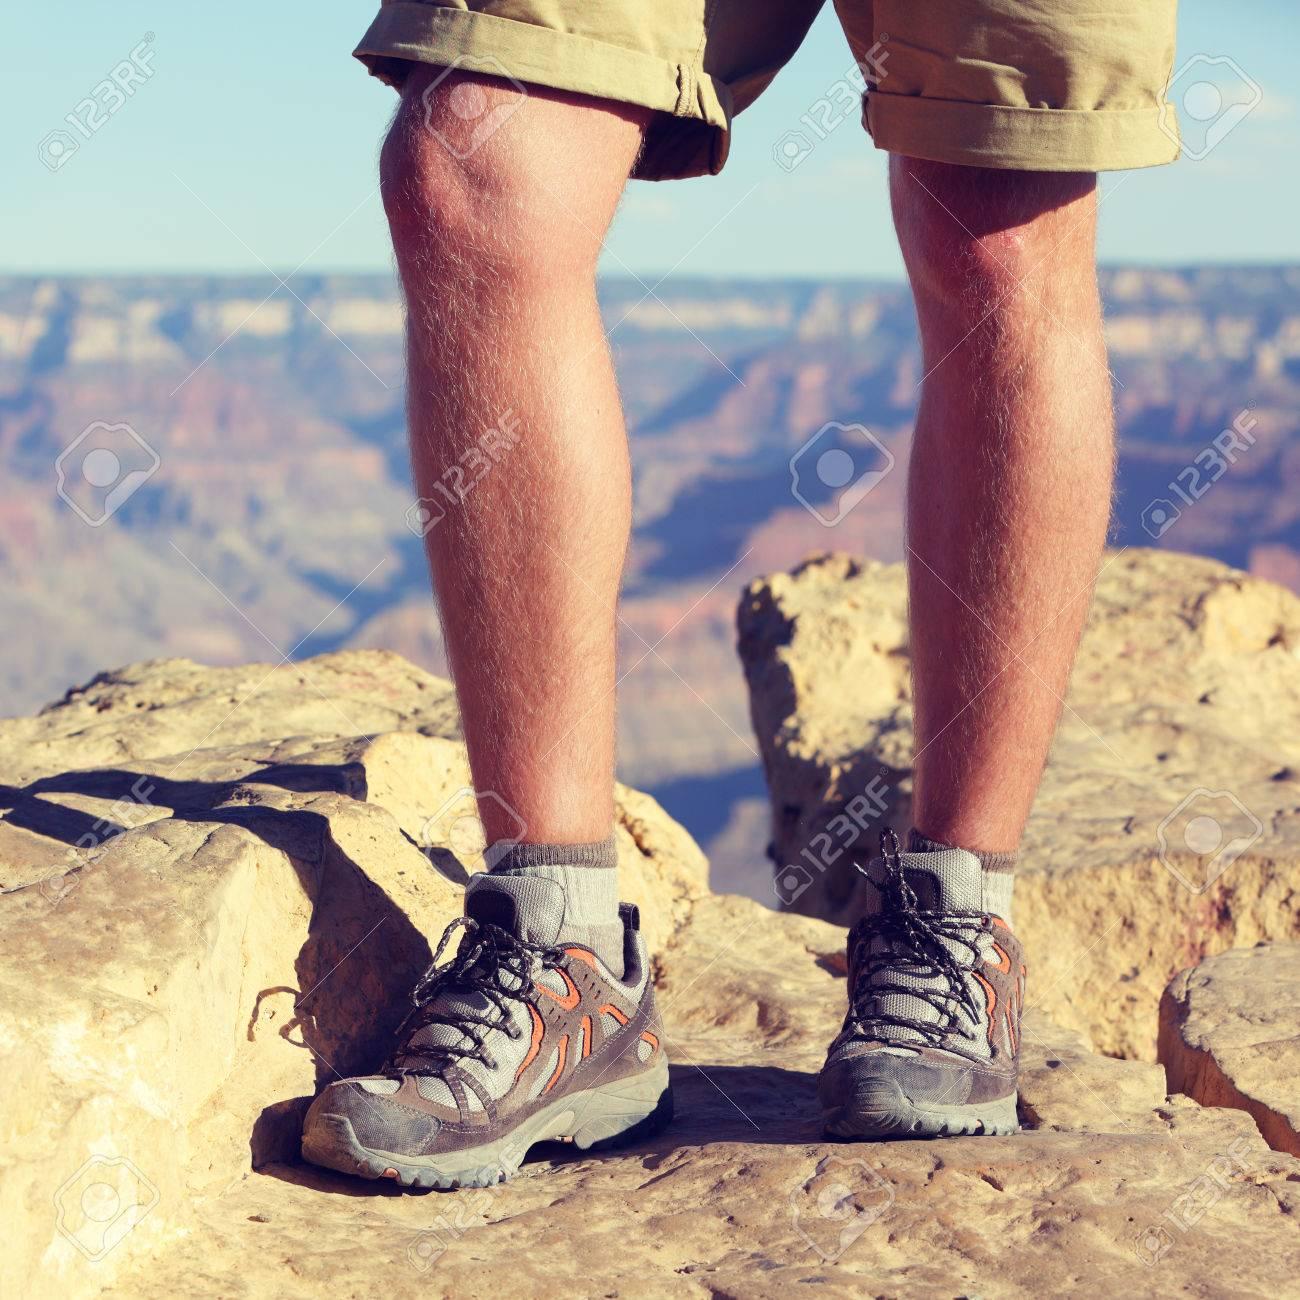 Chaussures de randonnée randonneur sur outdoors walking